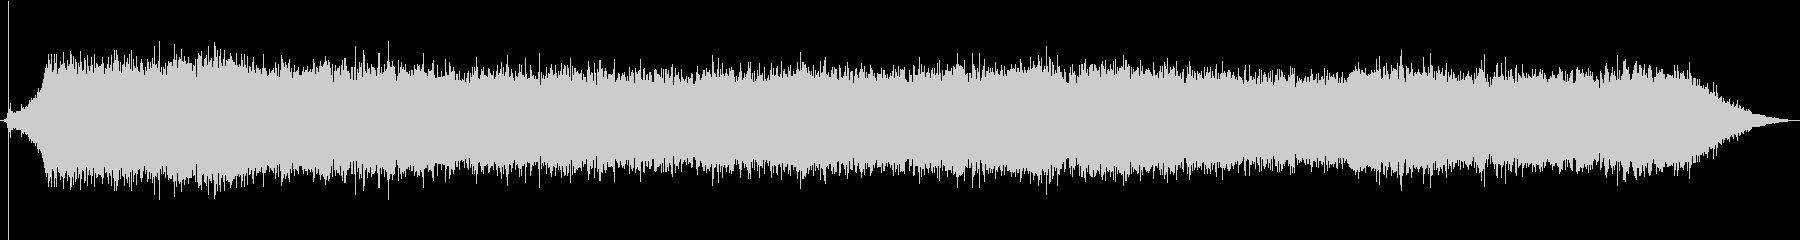 換気扇の音を高音質でレコーディングの未再生の波形